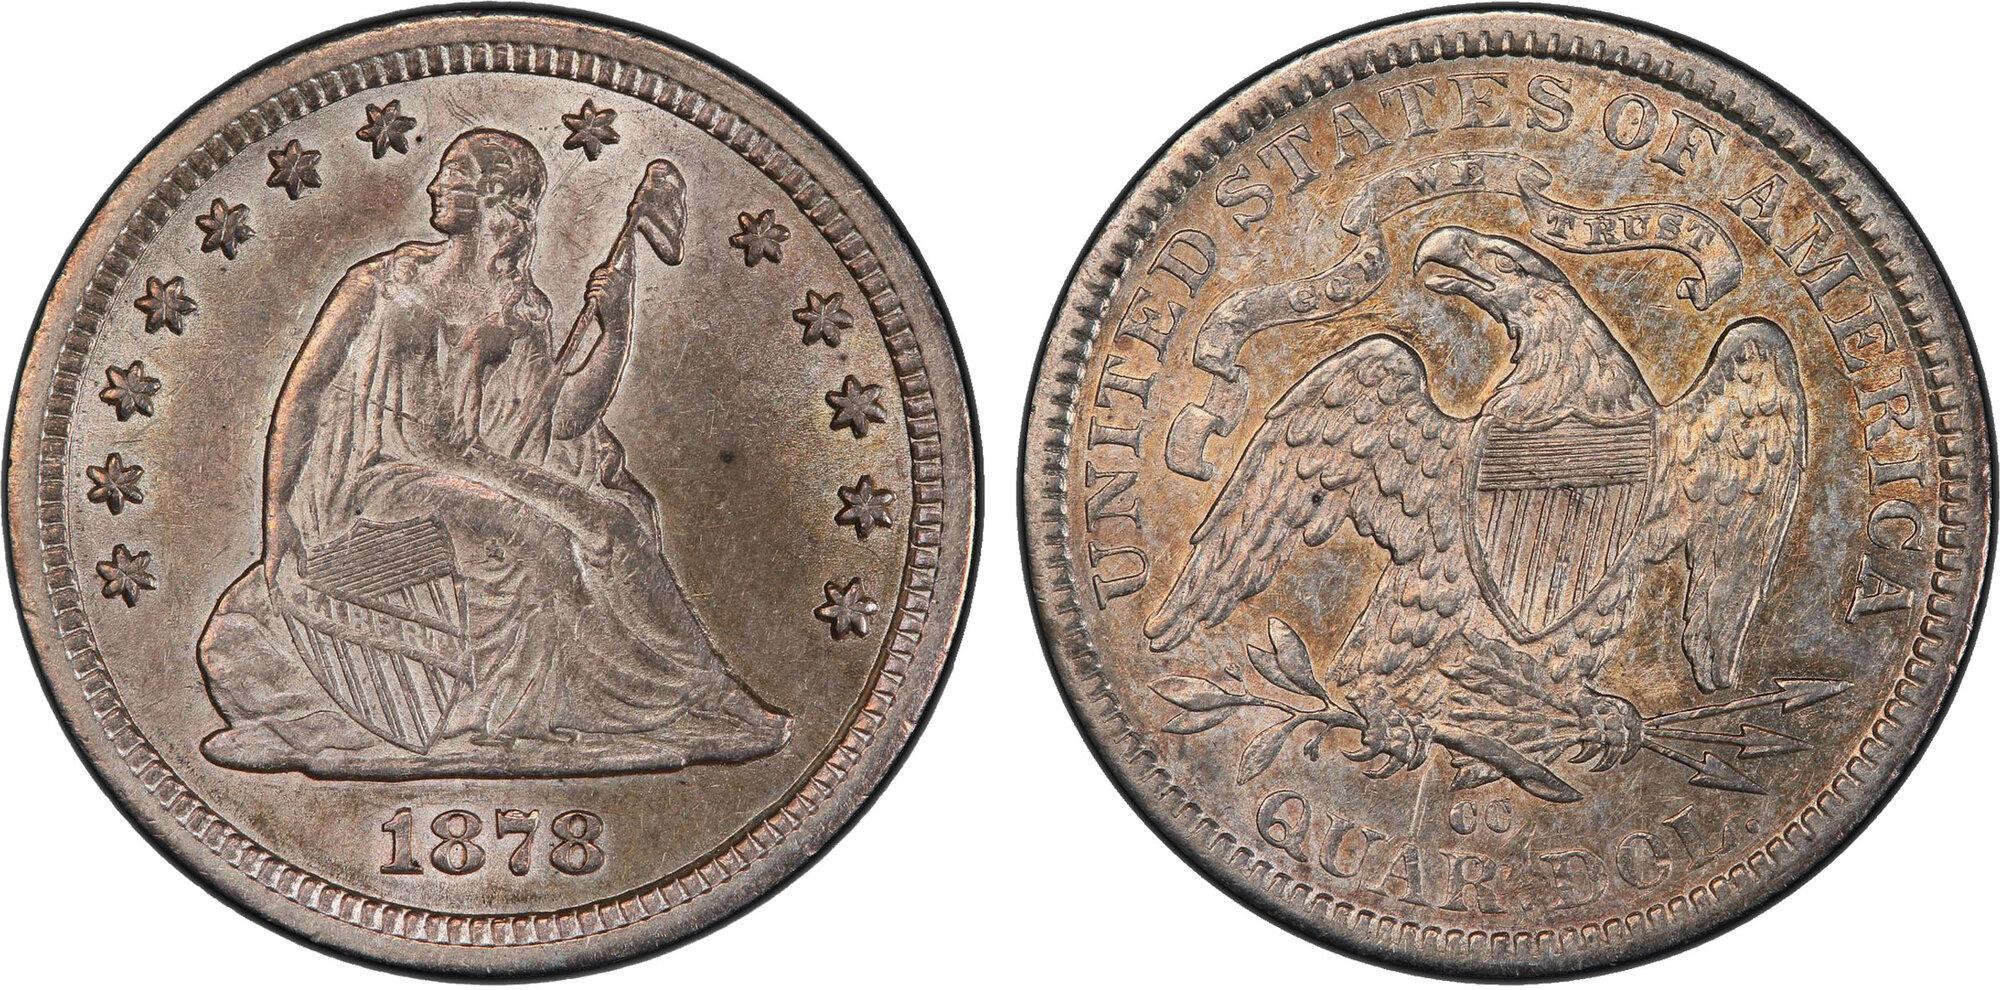 1892 1//2 E T-1 US Barber Silver Quarter in Good Condition Price per Each Coin